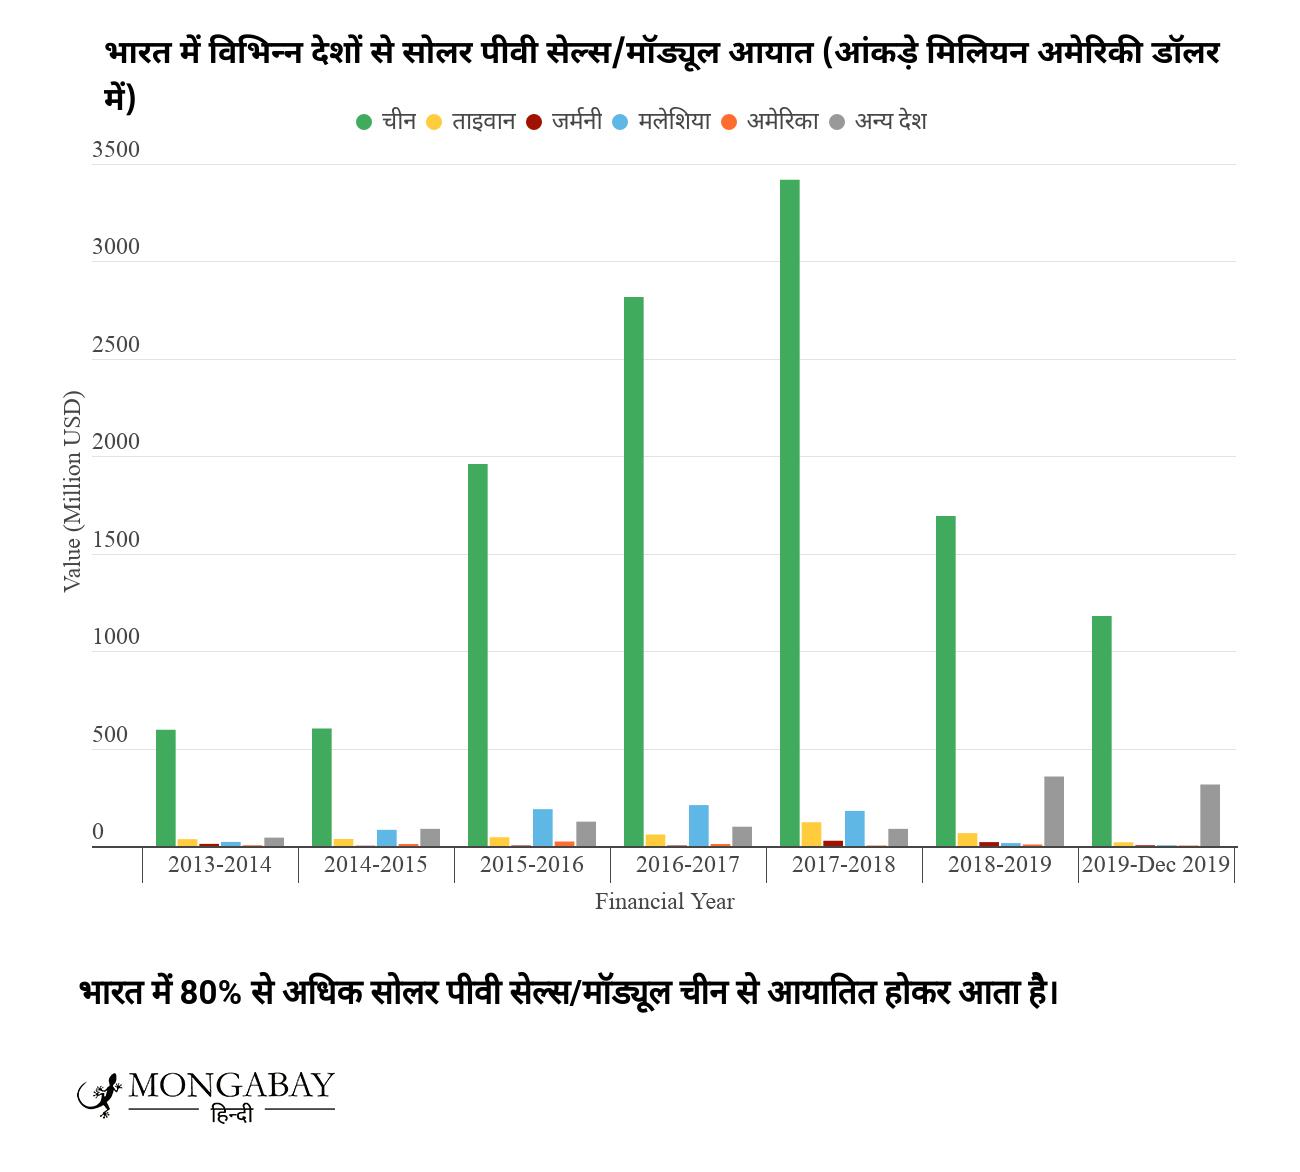 आसान नहीं 2030 तक सौर ऊर्जा में 280 गीगावॉट का भारत का लक्ष्य